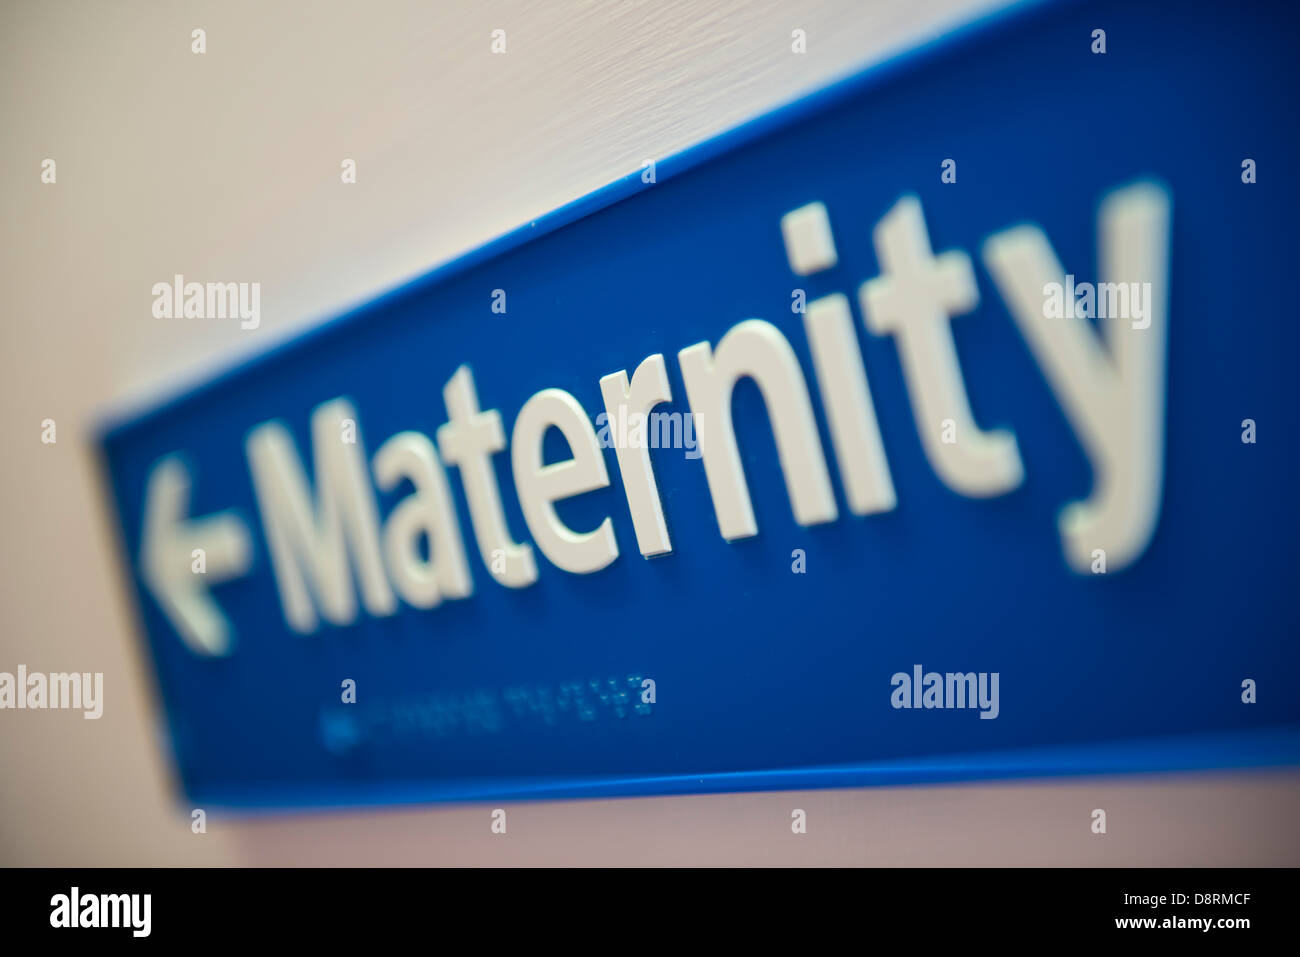 La signalisation de la maternité dans un hôpital moderne. Photo Stock